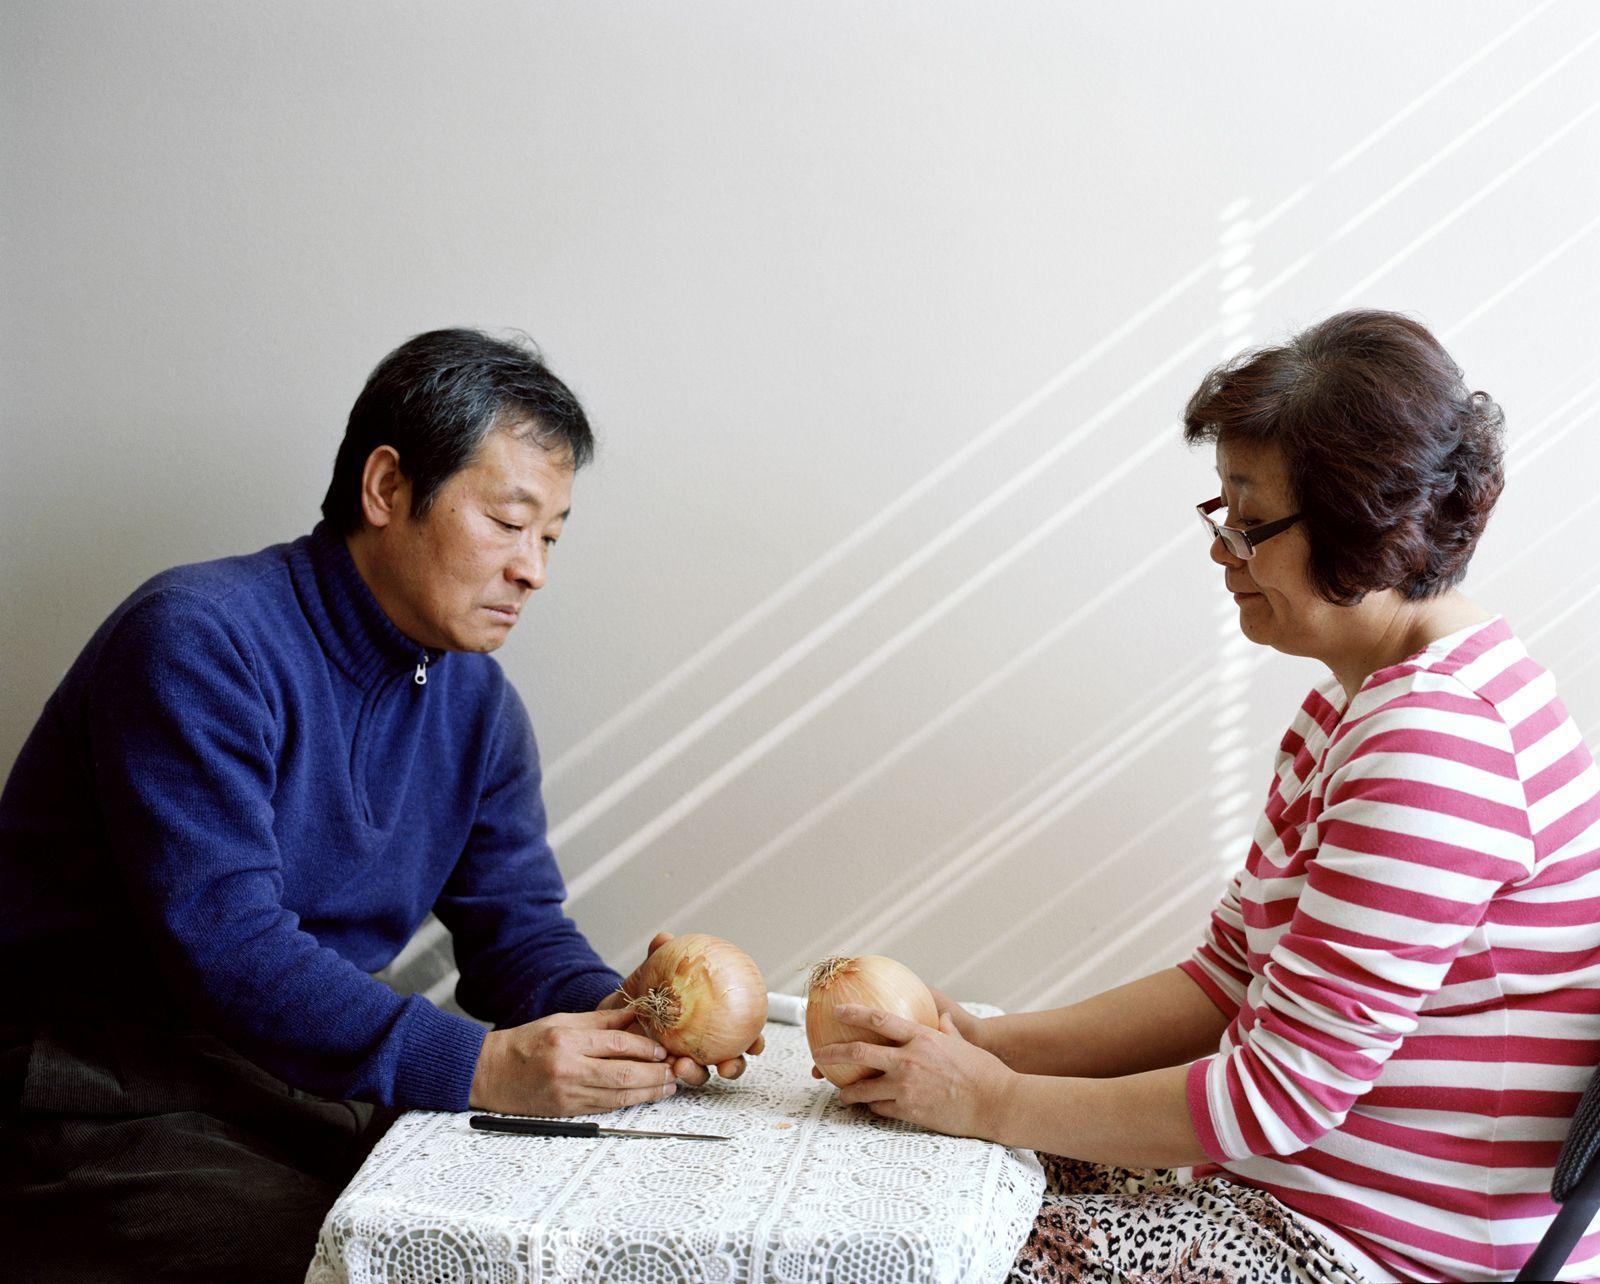 JINYOUNG KIM | PARENTS | A CONVERSATION | C-PRINT | 20 X 24 INCHES | 2013